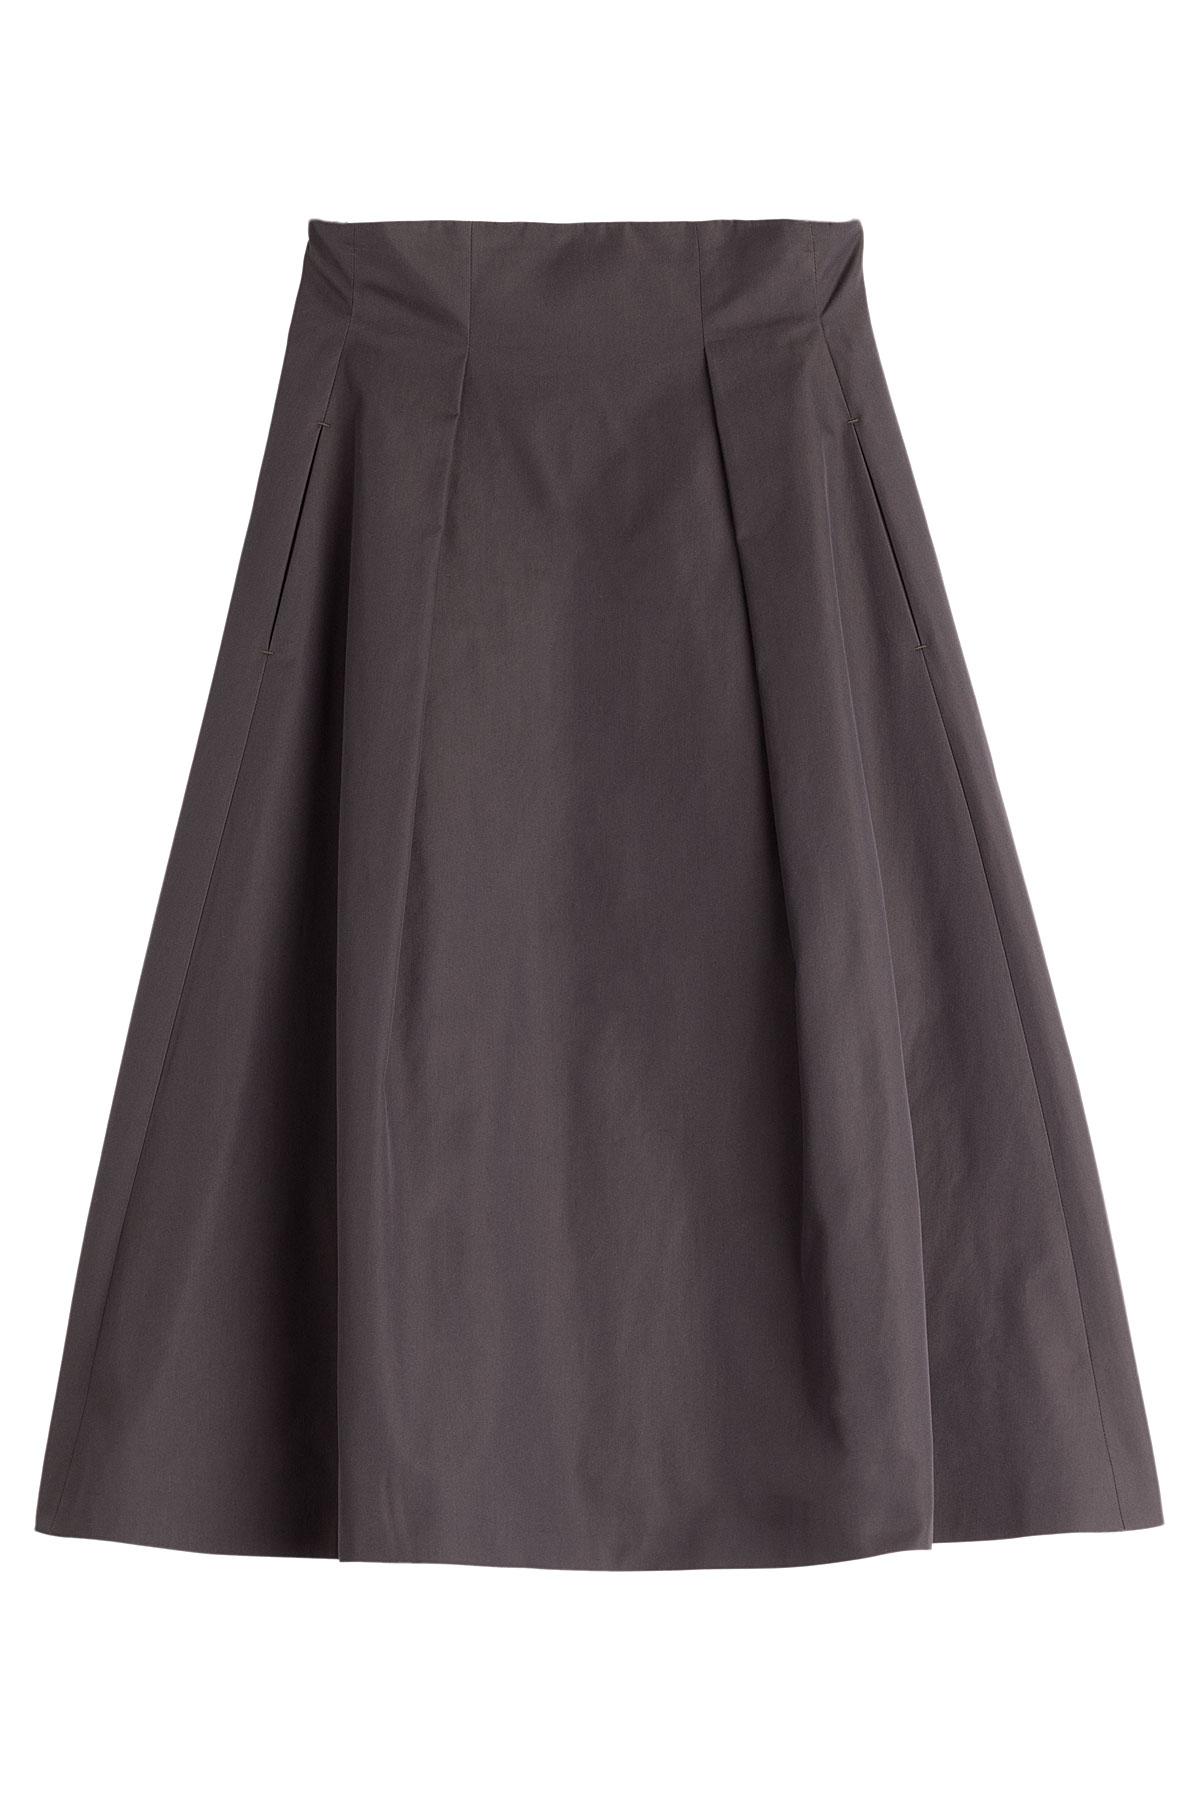 golden goose deluxe brand cotton blend midi skirt in gray